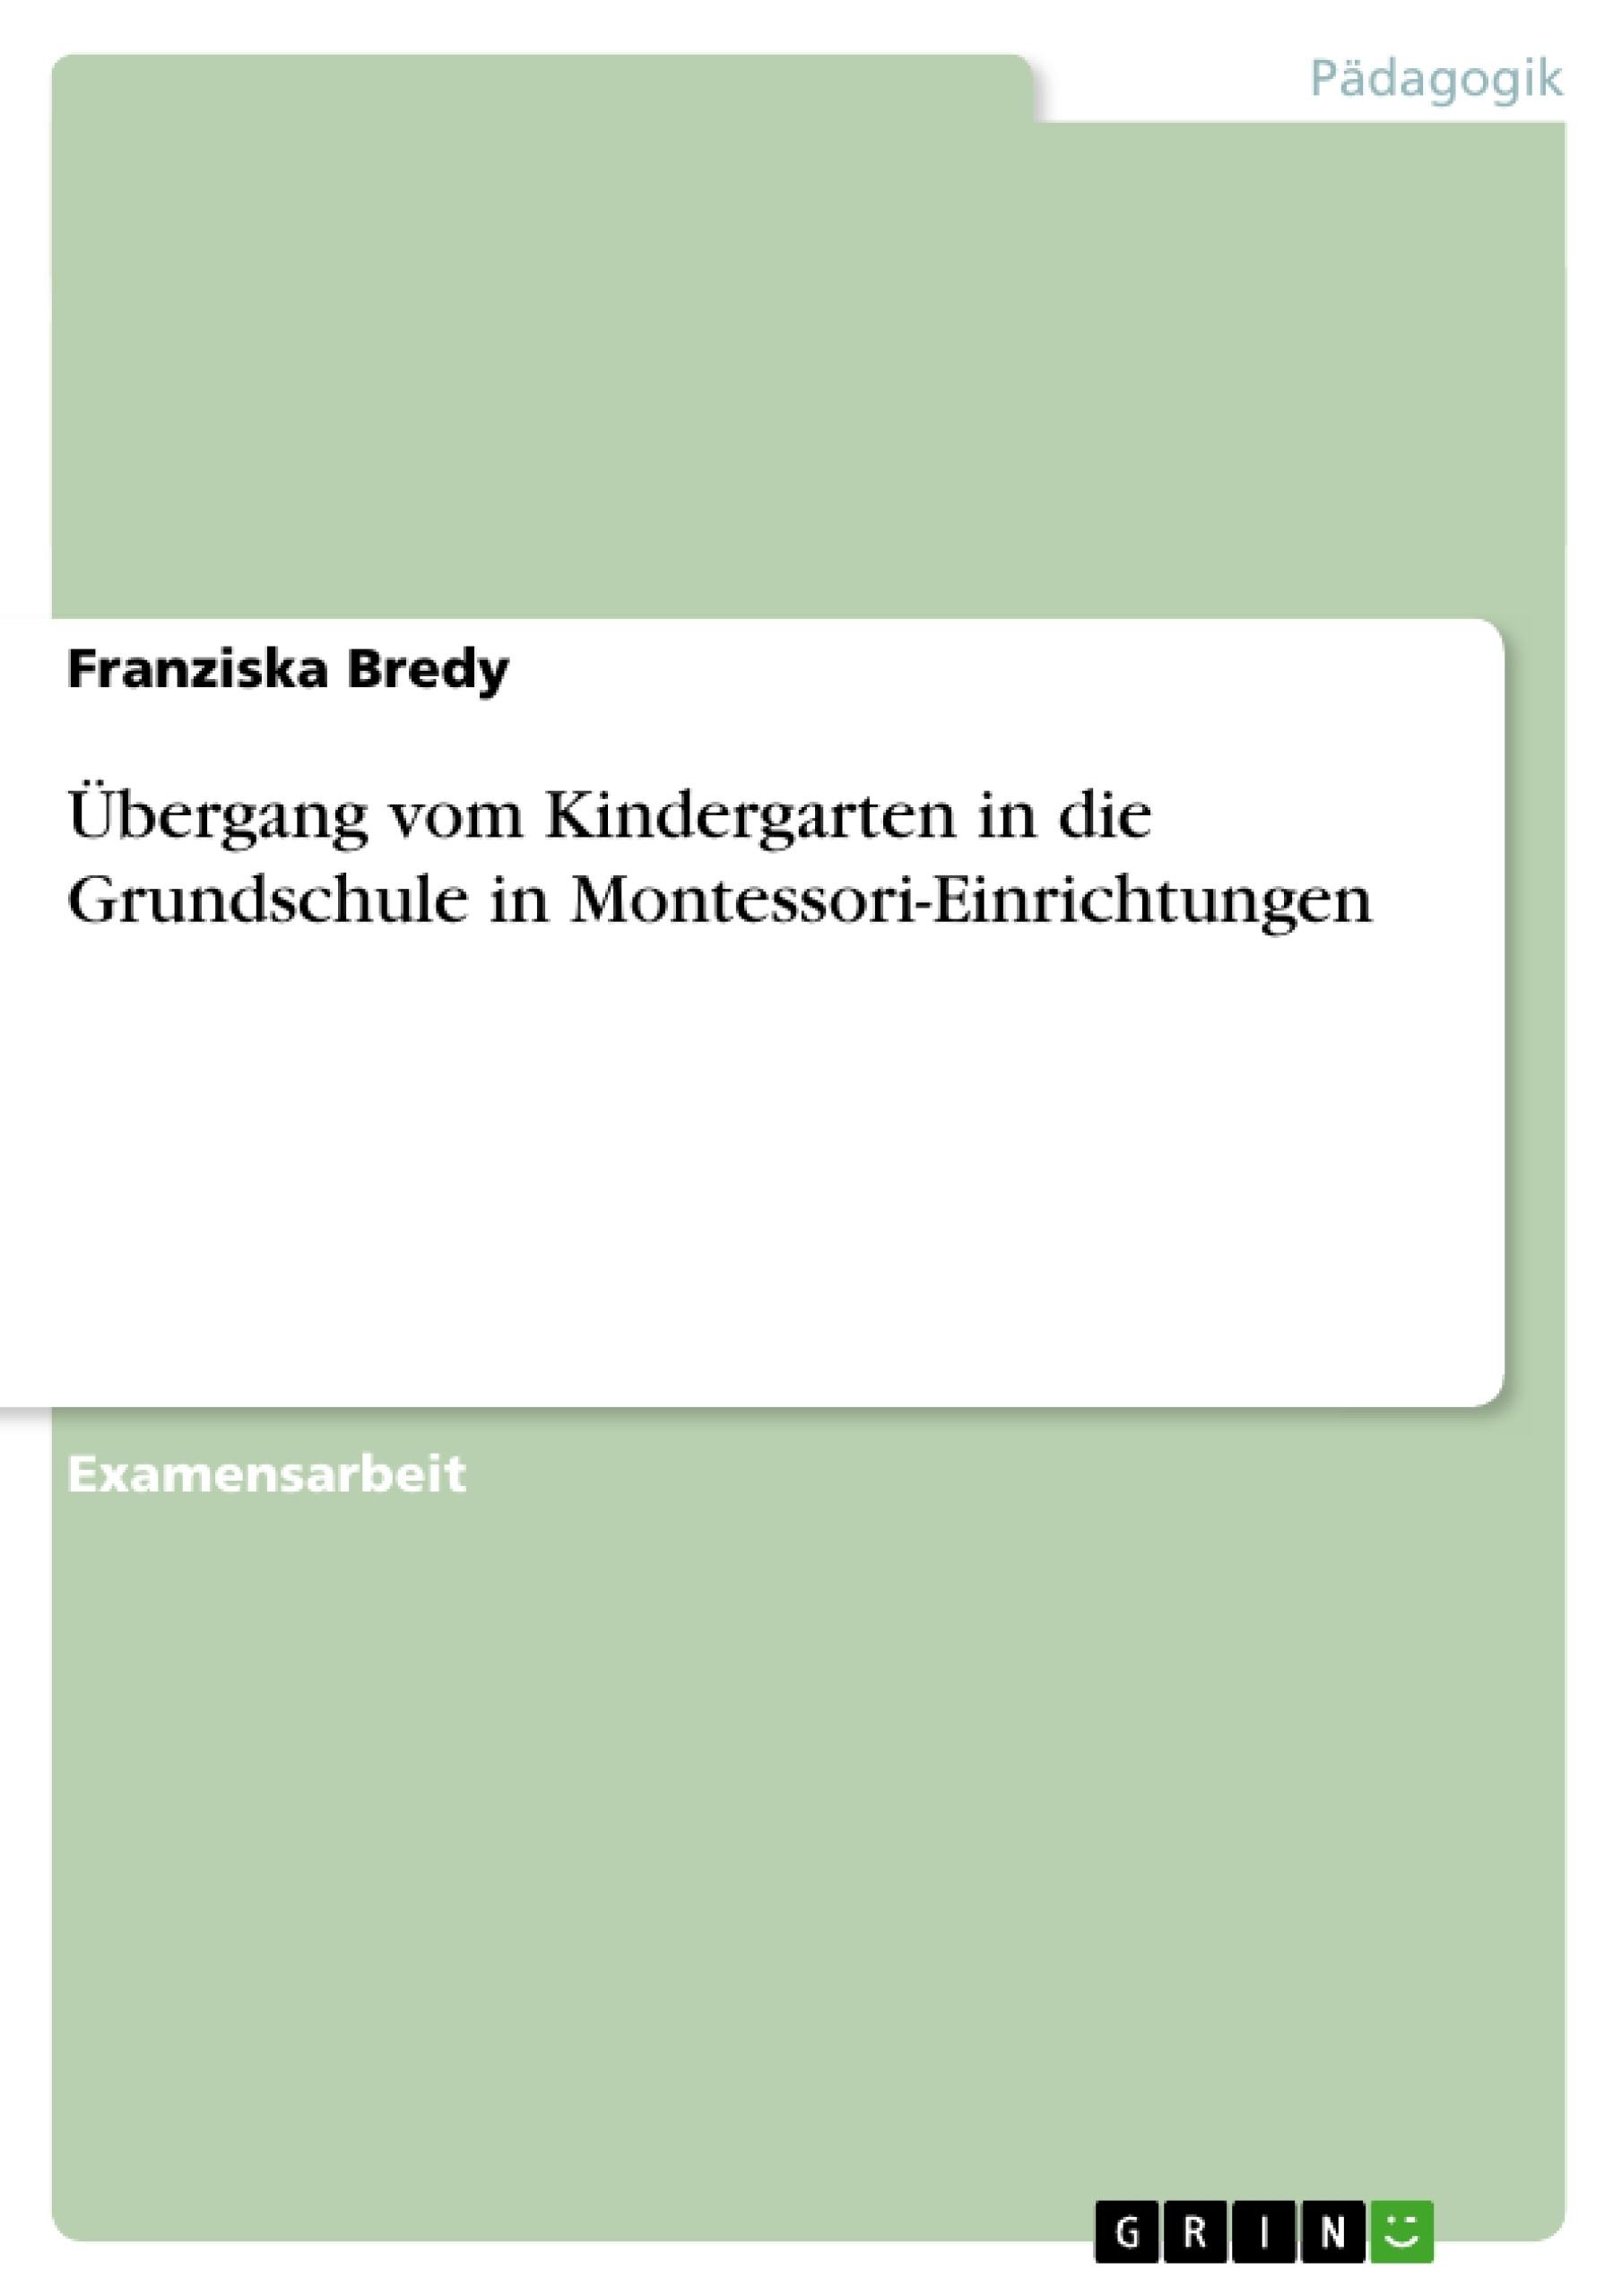 Titel: Übergang vom Kindergarten in die Grundschule in Montessori-Einrichtungen